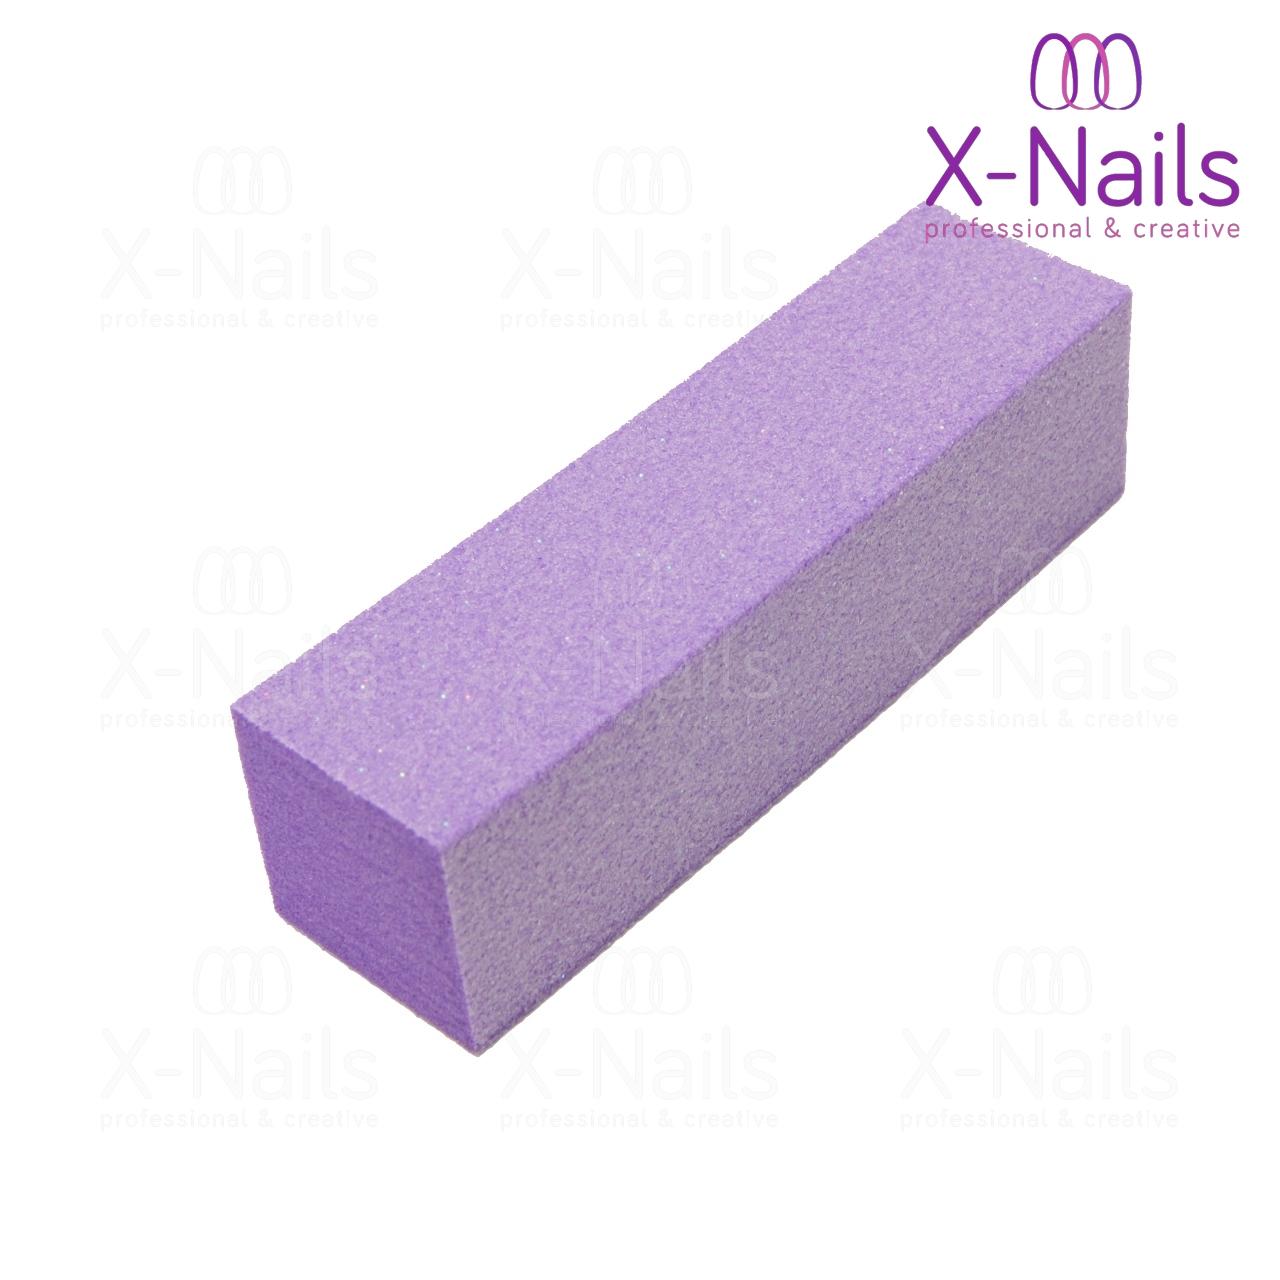 Brusny Blok Na Nehty 100 100 Lestici Blok Na Nehty Fialovy X Nails